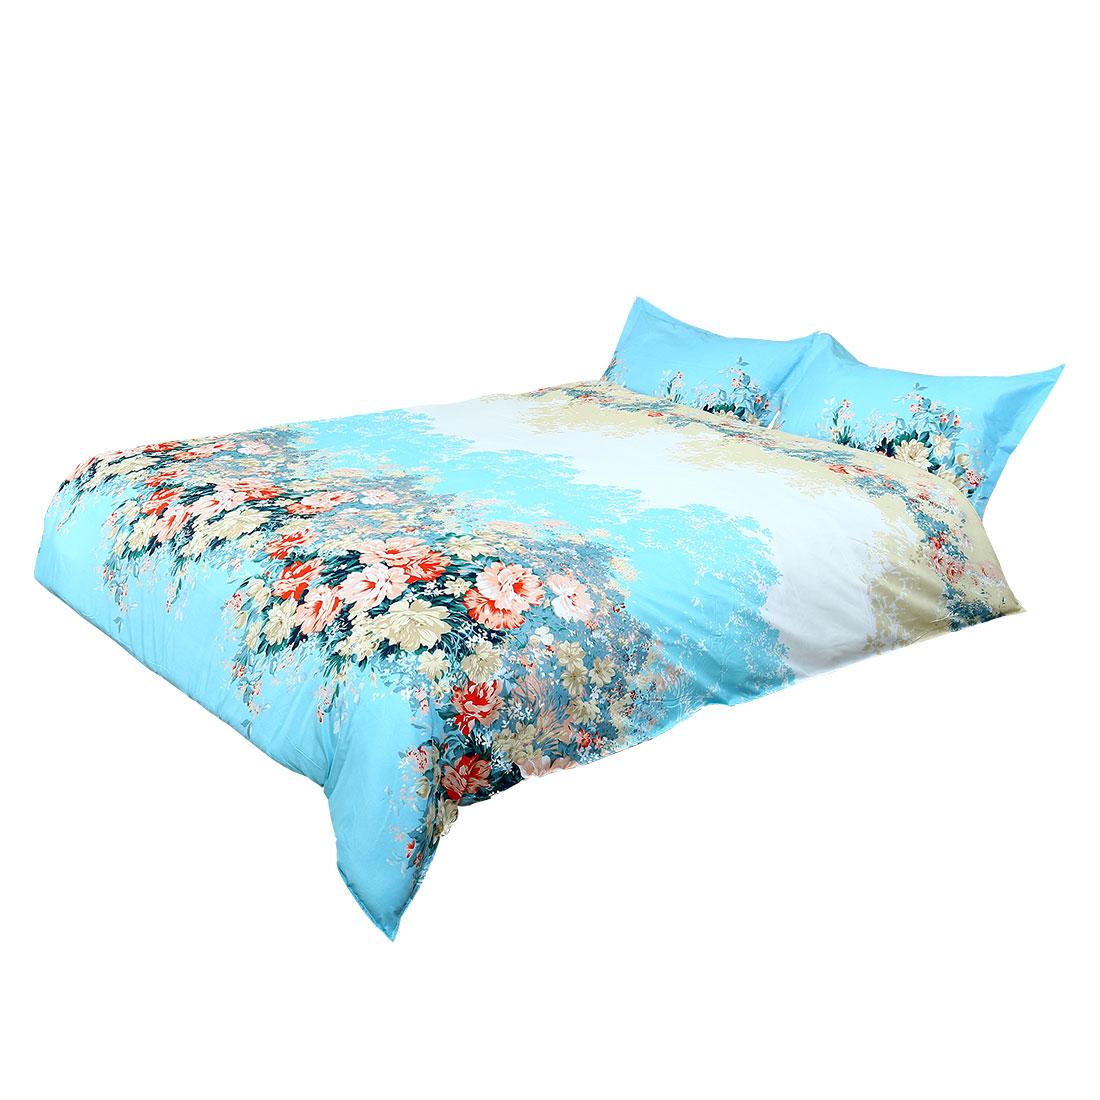 Flower Pattern Duvet Cover Pillowcase Quilt Cover Bedding Set Super King Teal